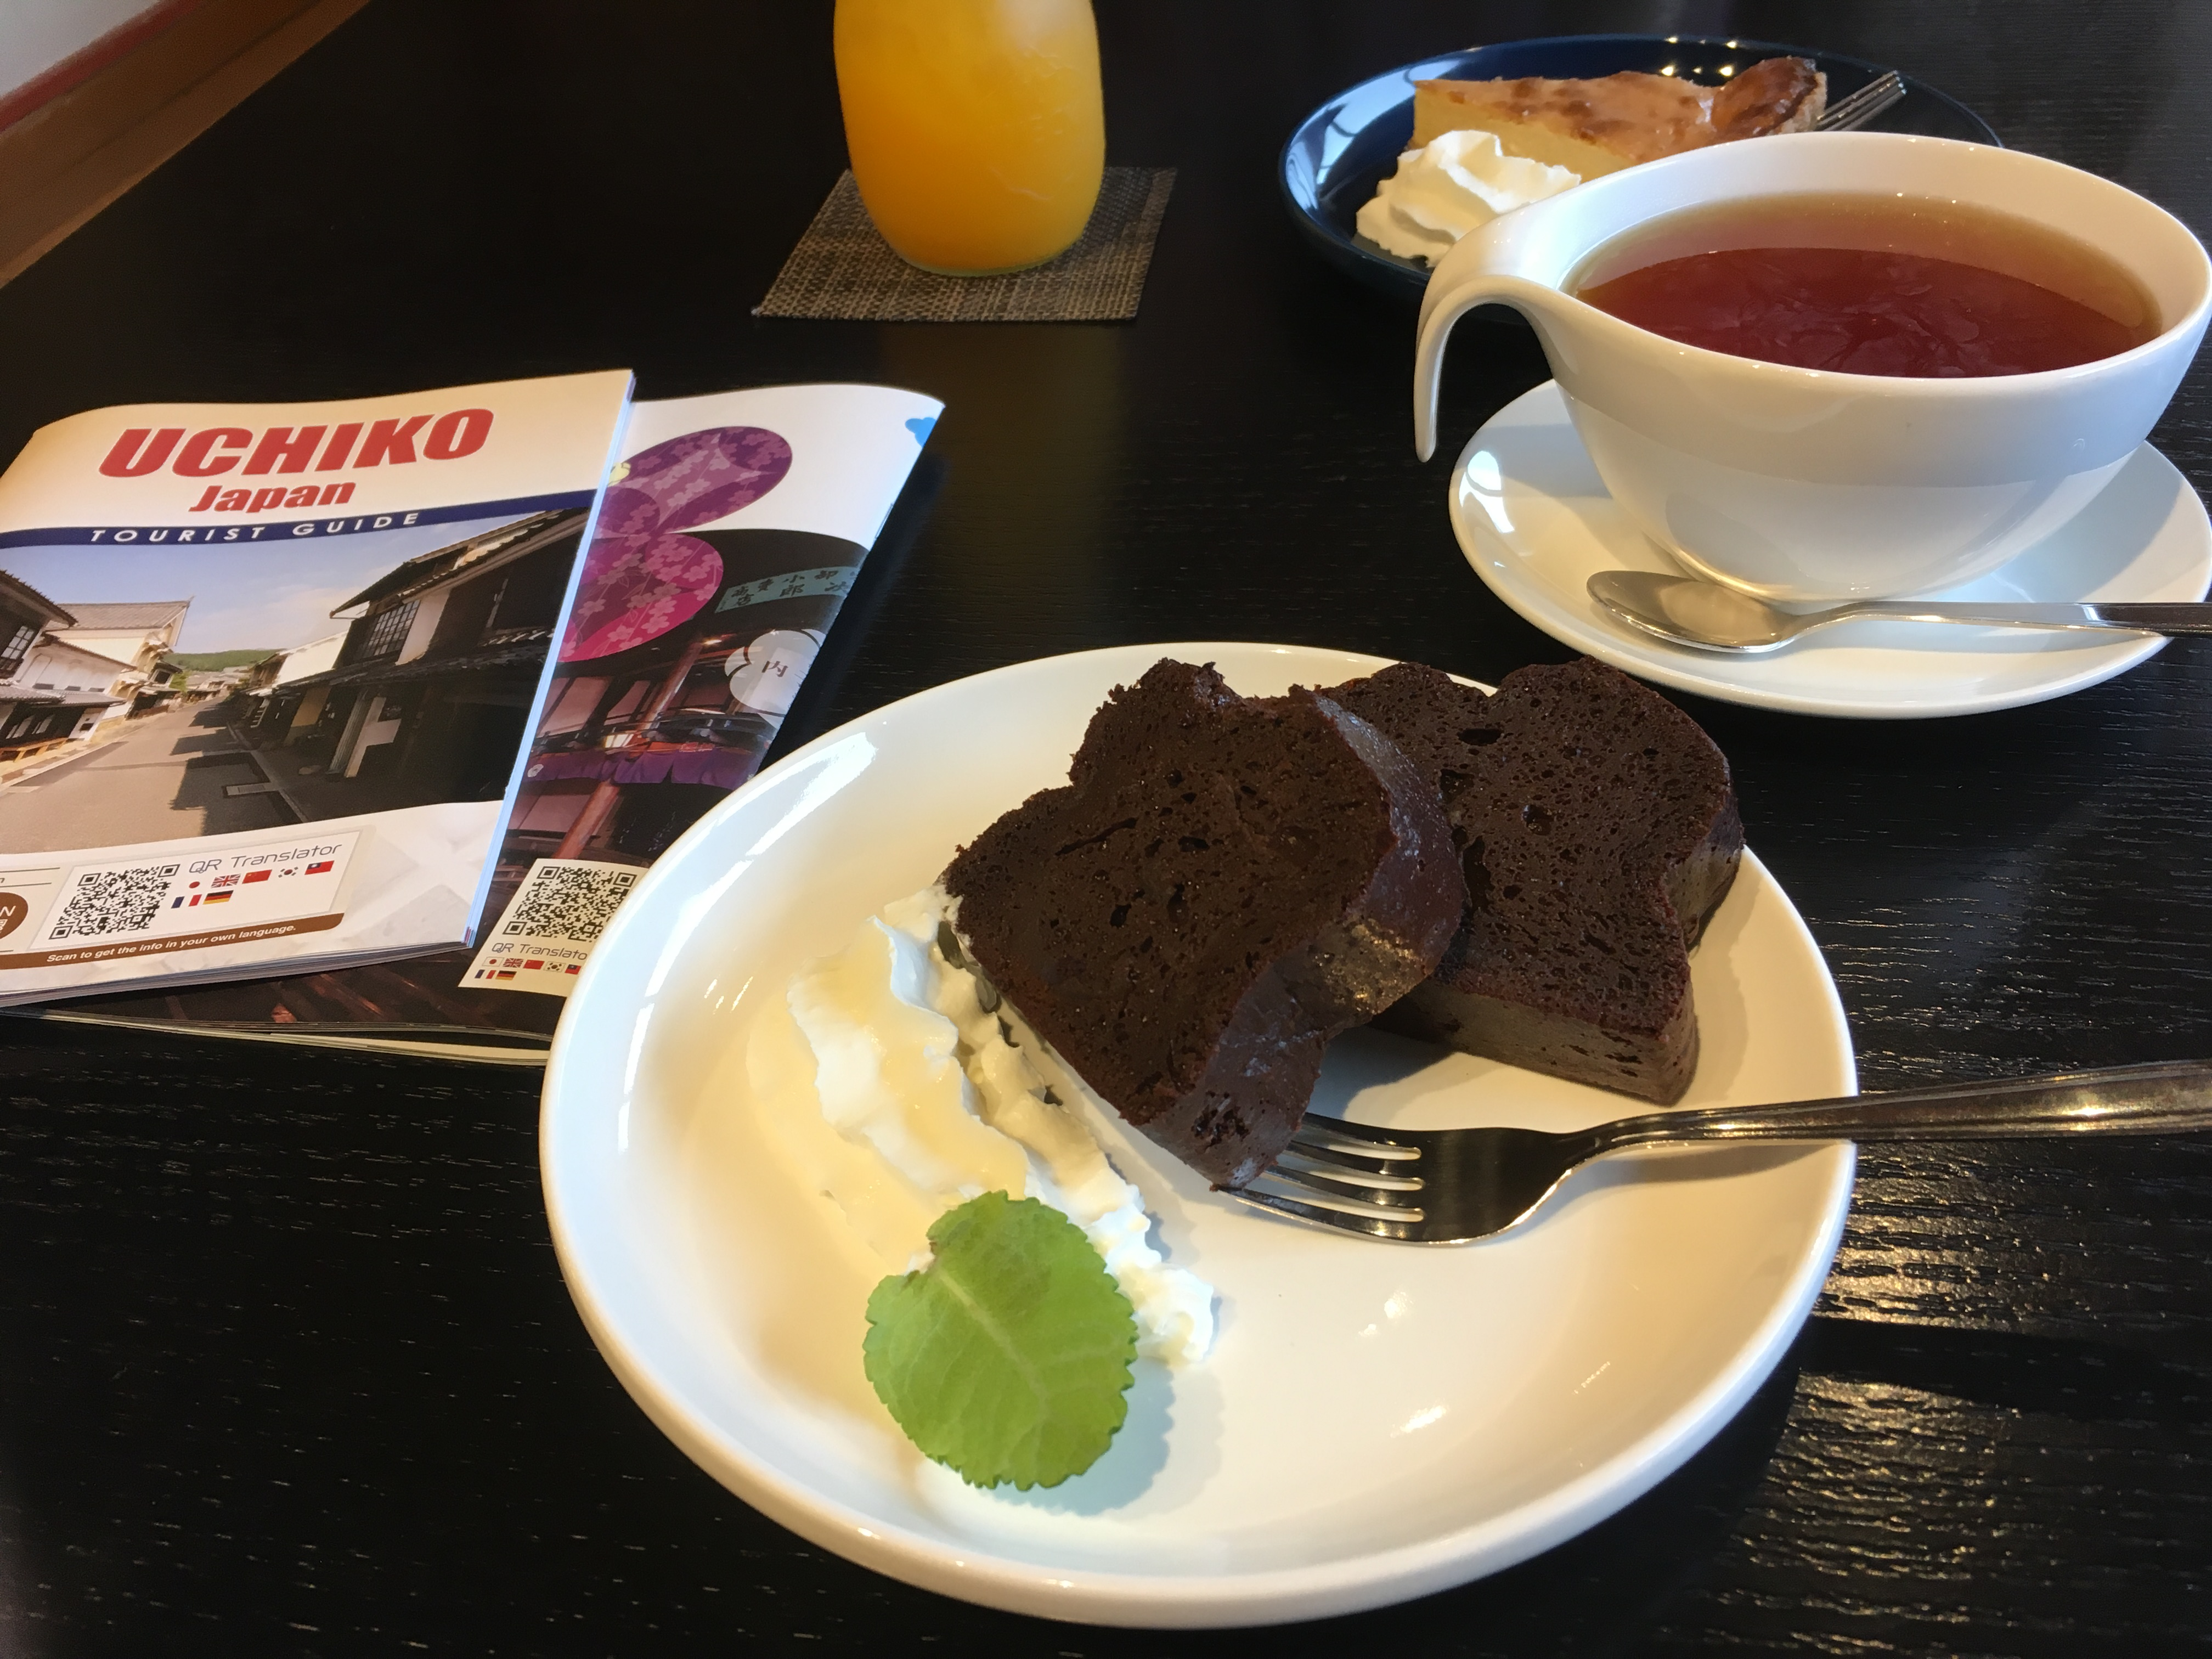 内子町の話題のカフェ!「FFC」で内子の紅茶とチョコケーキを食べてきました!